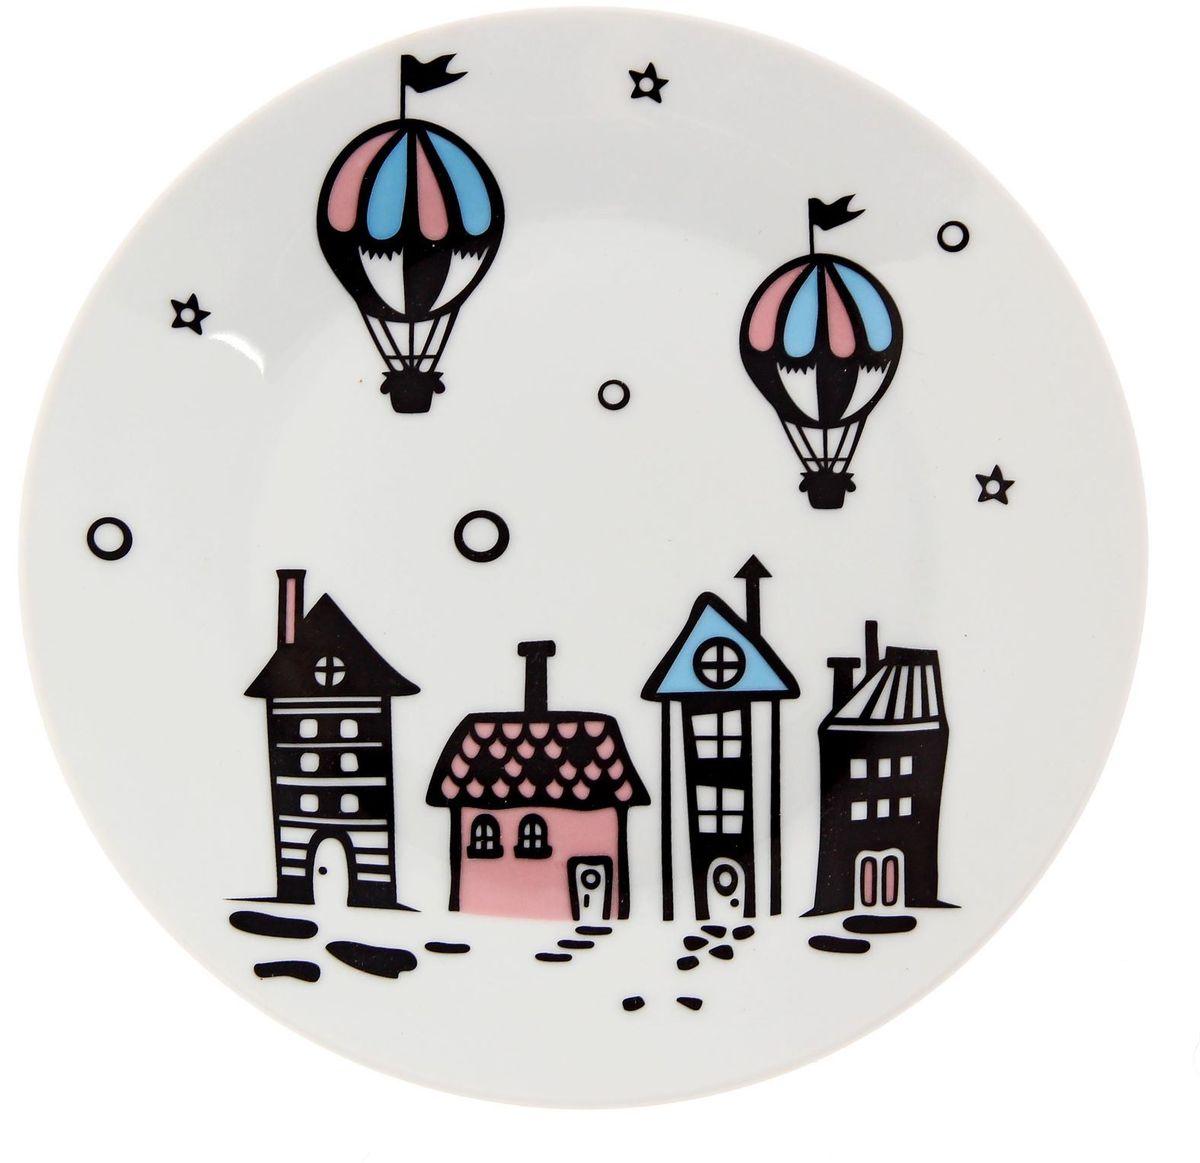 Тарелка мелкая Сотвори чудо Воздушный город, диаметр 20 см54 009312Хотите обновить интерьер кухни или гостиной? Устраиваете необычную фотосессию или тематический праздник? А может, просто ищете подарок для близкого человека? Посуда Сотвори Чудо — правильный выбор в любой ситуации. Тарелка Сотвори Чудо, изготовленная из изящного фаянса нежного сливочного цвета, оформлена оригинальным рисунком со стойкой краской. Пригодна для посудомоечной машины.